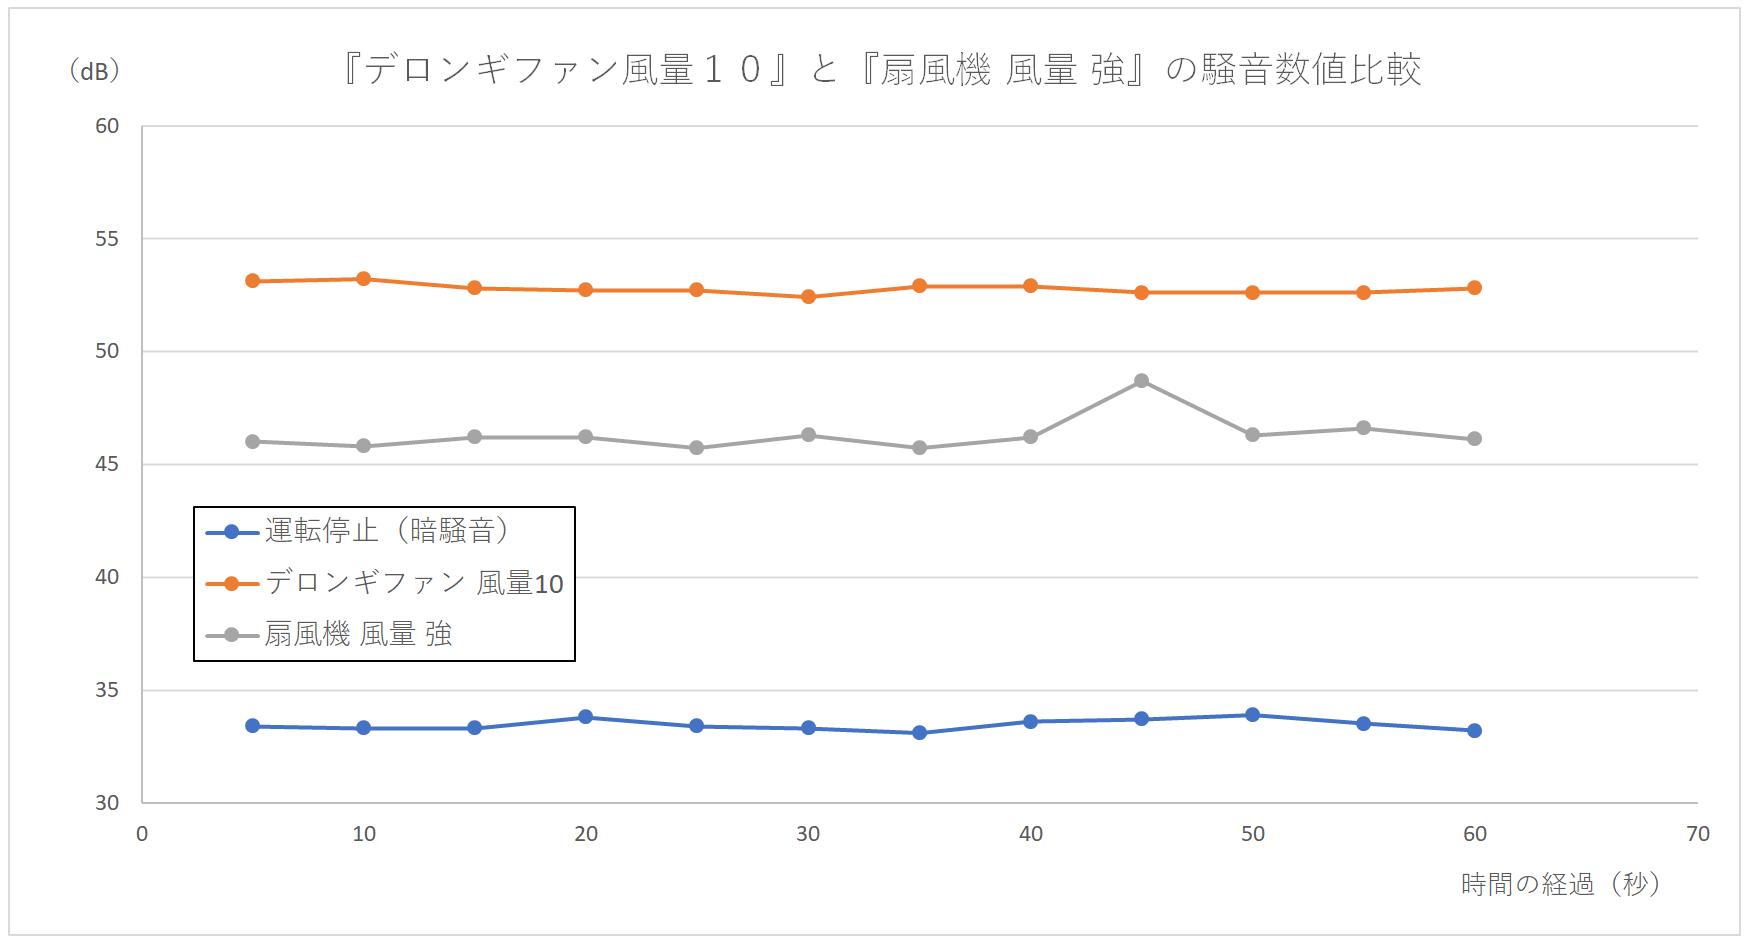 『デロンギファン 風量10』と『扇風機 強』の騒音数値の比較グラフ